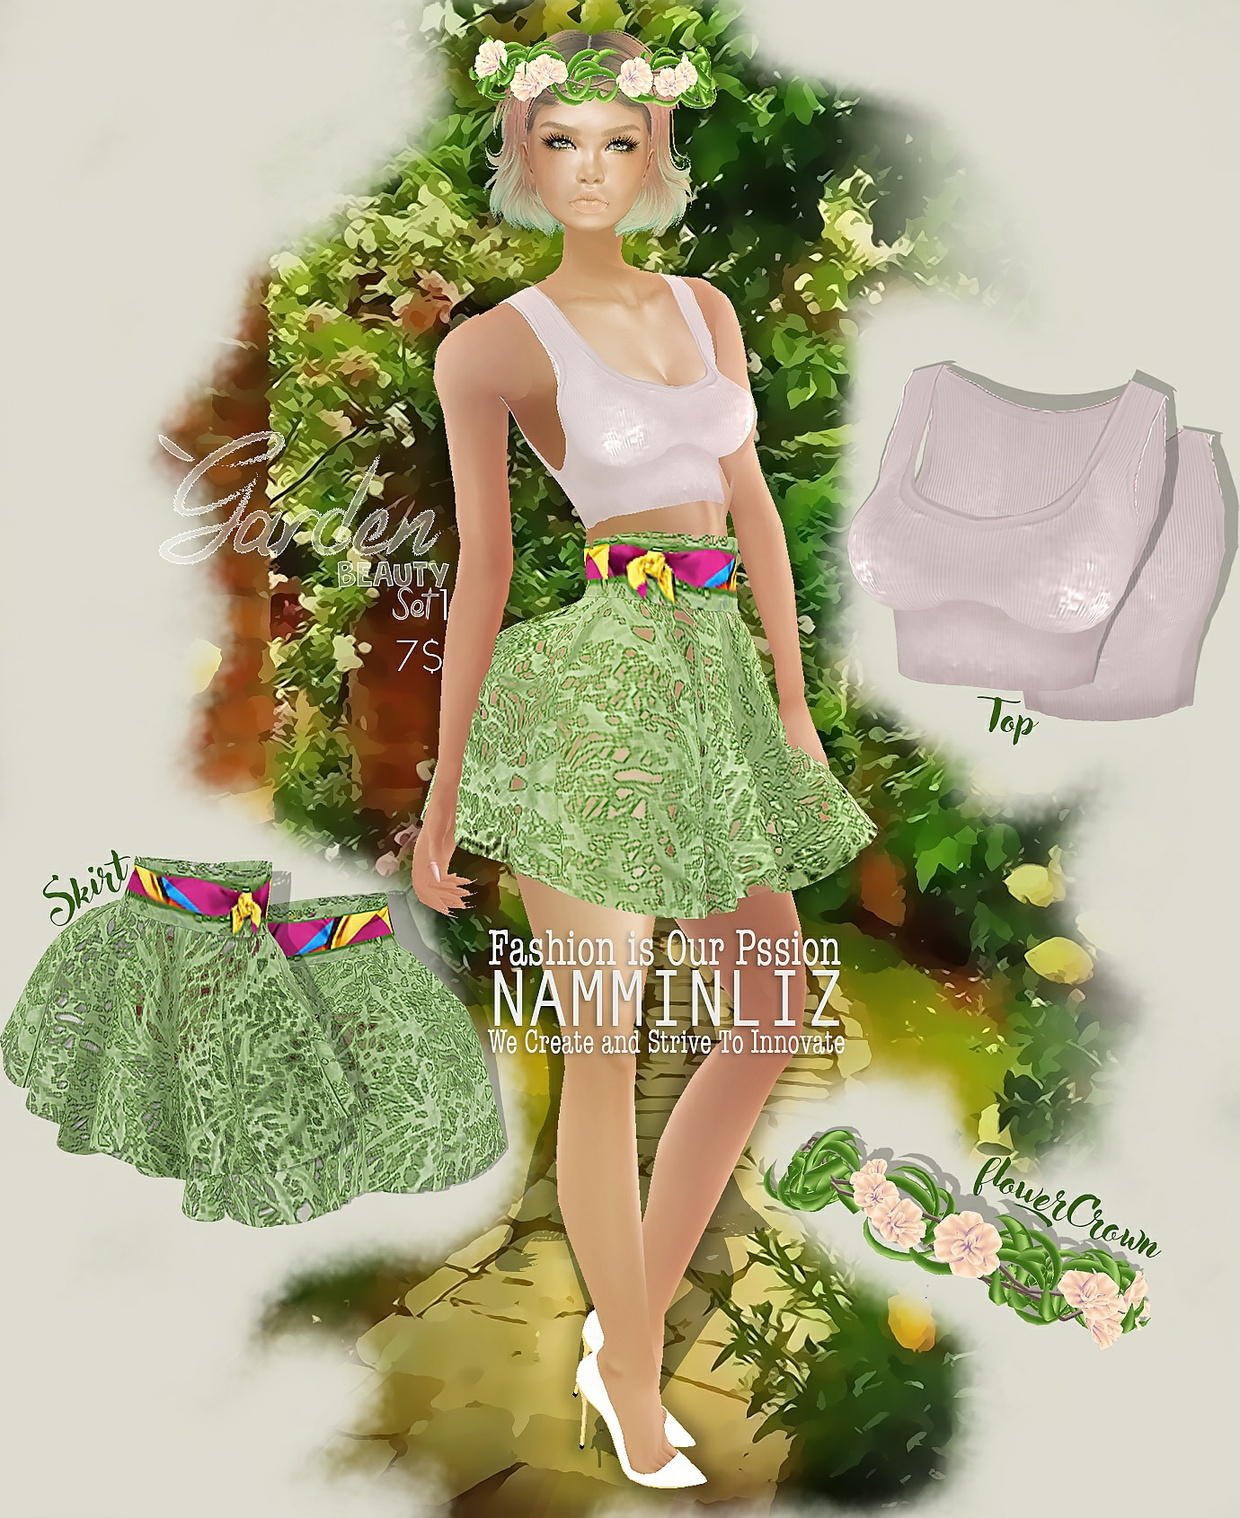 Garden Beauty Set 1 imvu PNG textures Top + Skirt + Flower Crown